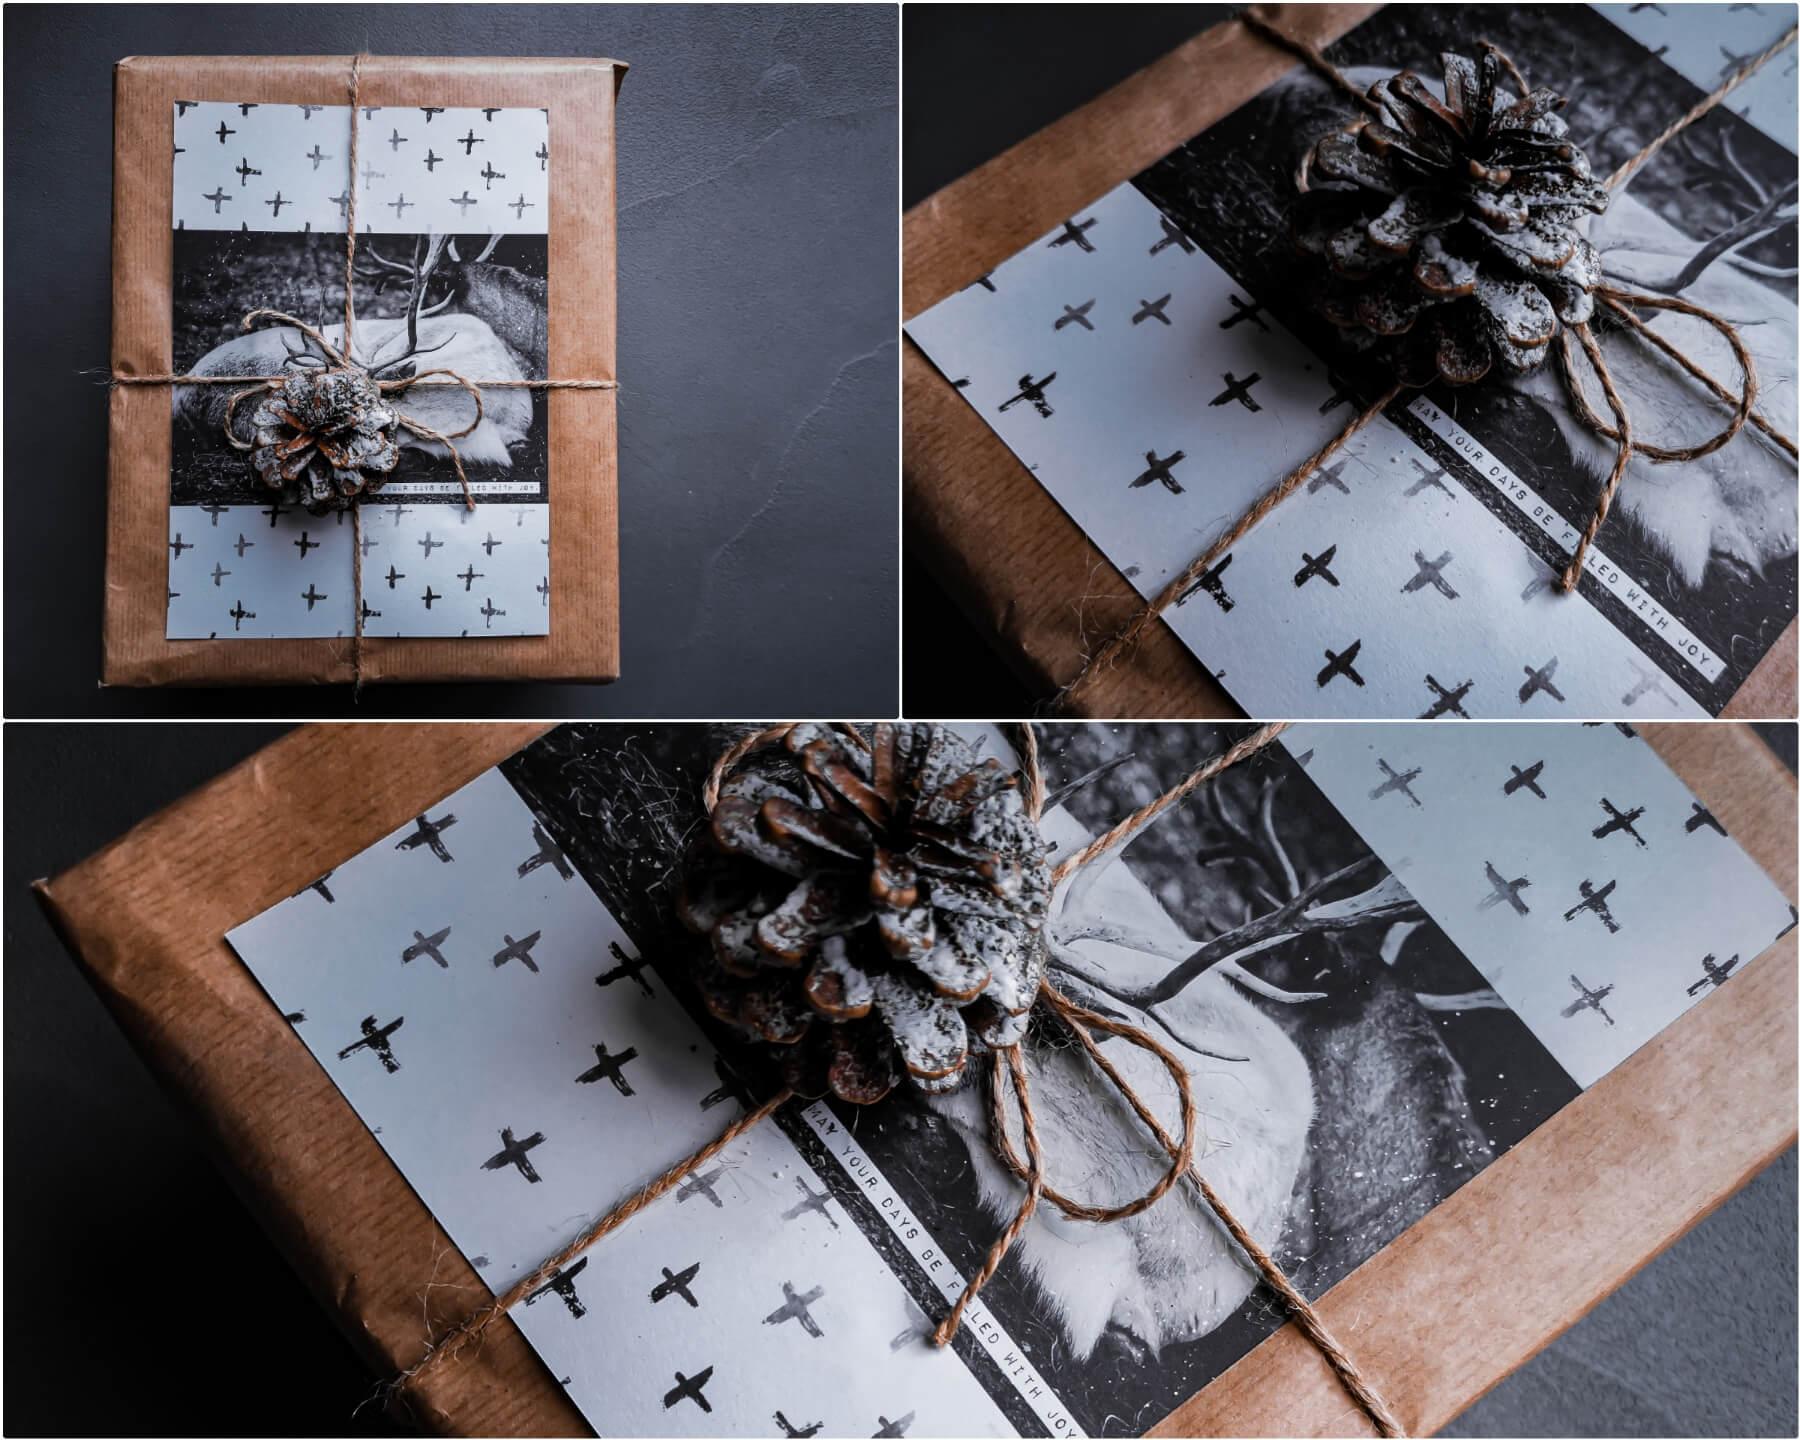 inCollage 20191208 165212146 resized 20191208 050953580 - 11 tipov ako zabaliť vianočné darčeky originálne a kreatívne